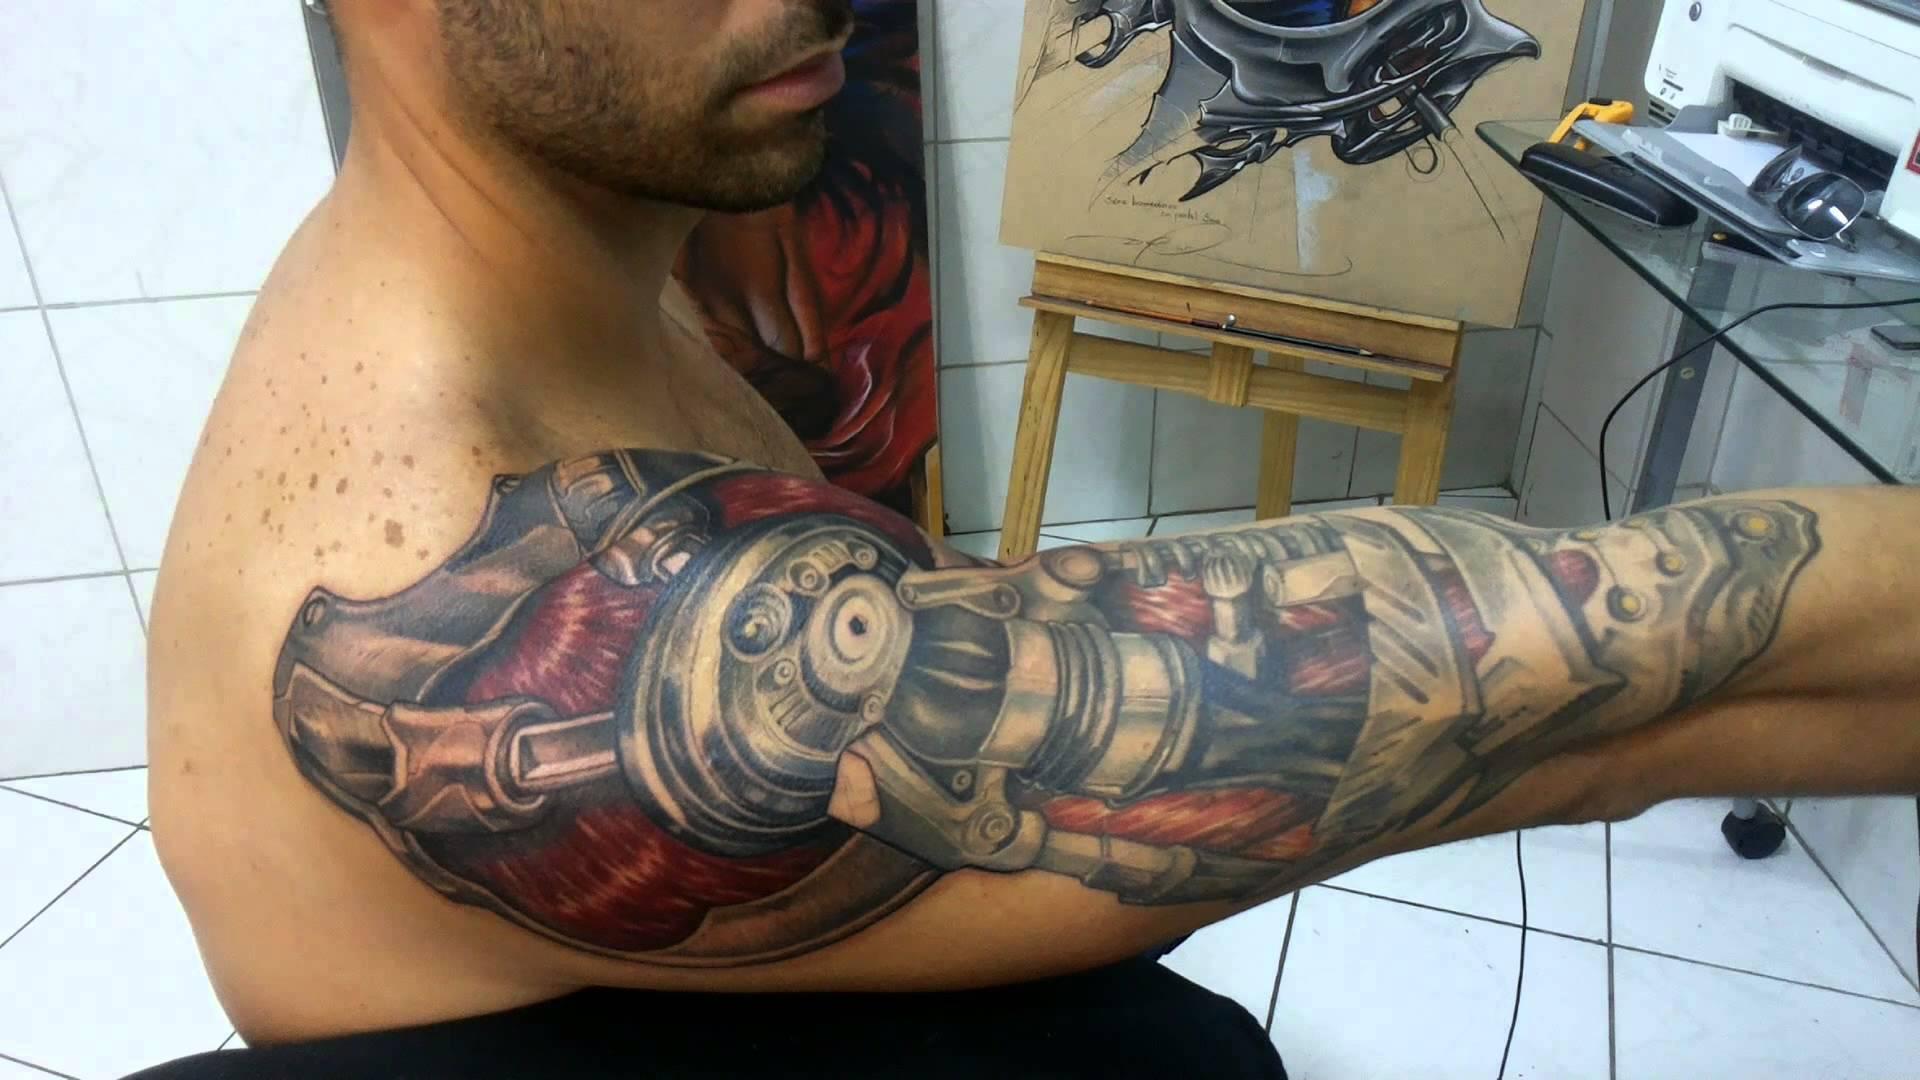 Tatuagens discretas (Foto: Divulgação)